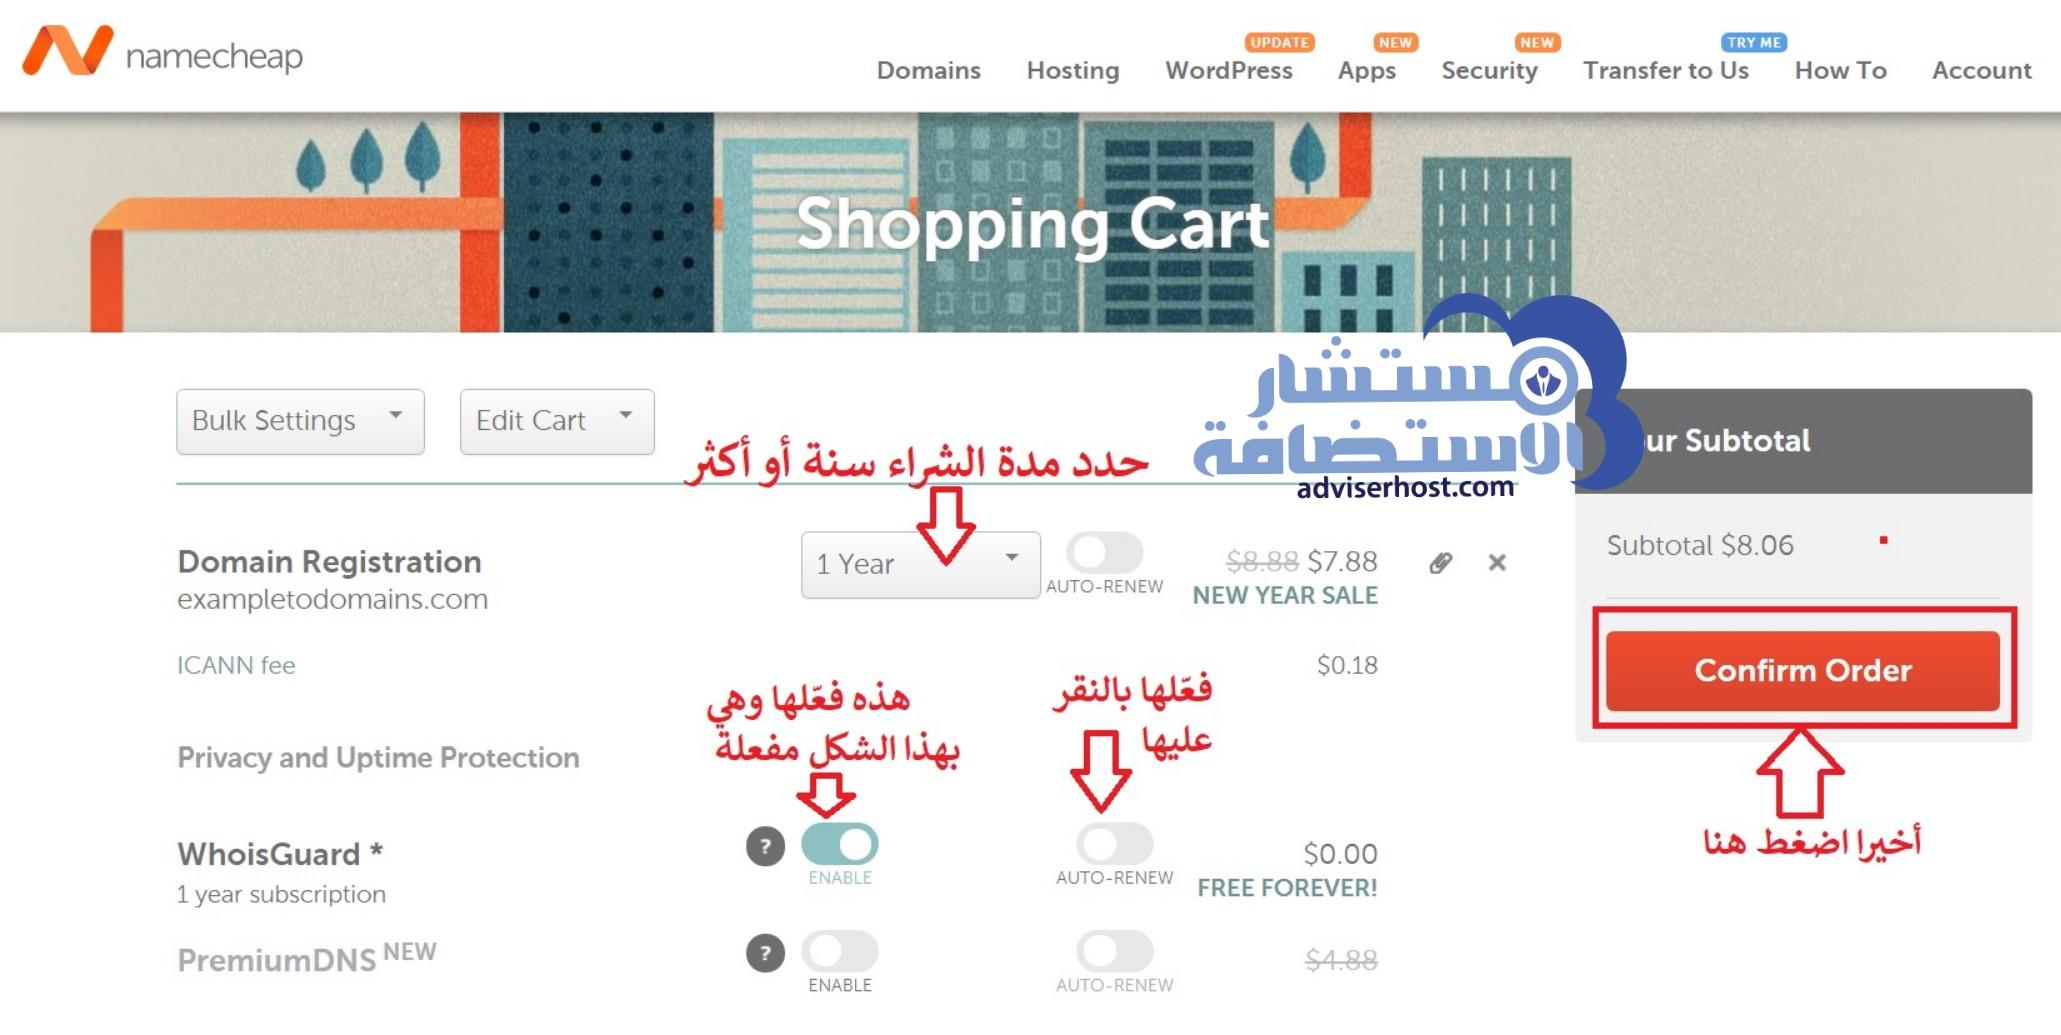 كيفية شراء و حجز دومين نيم شيب 44